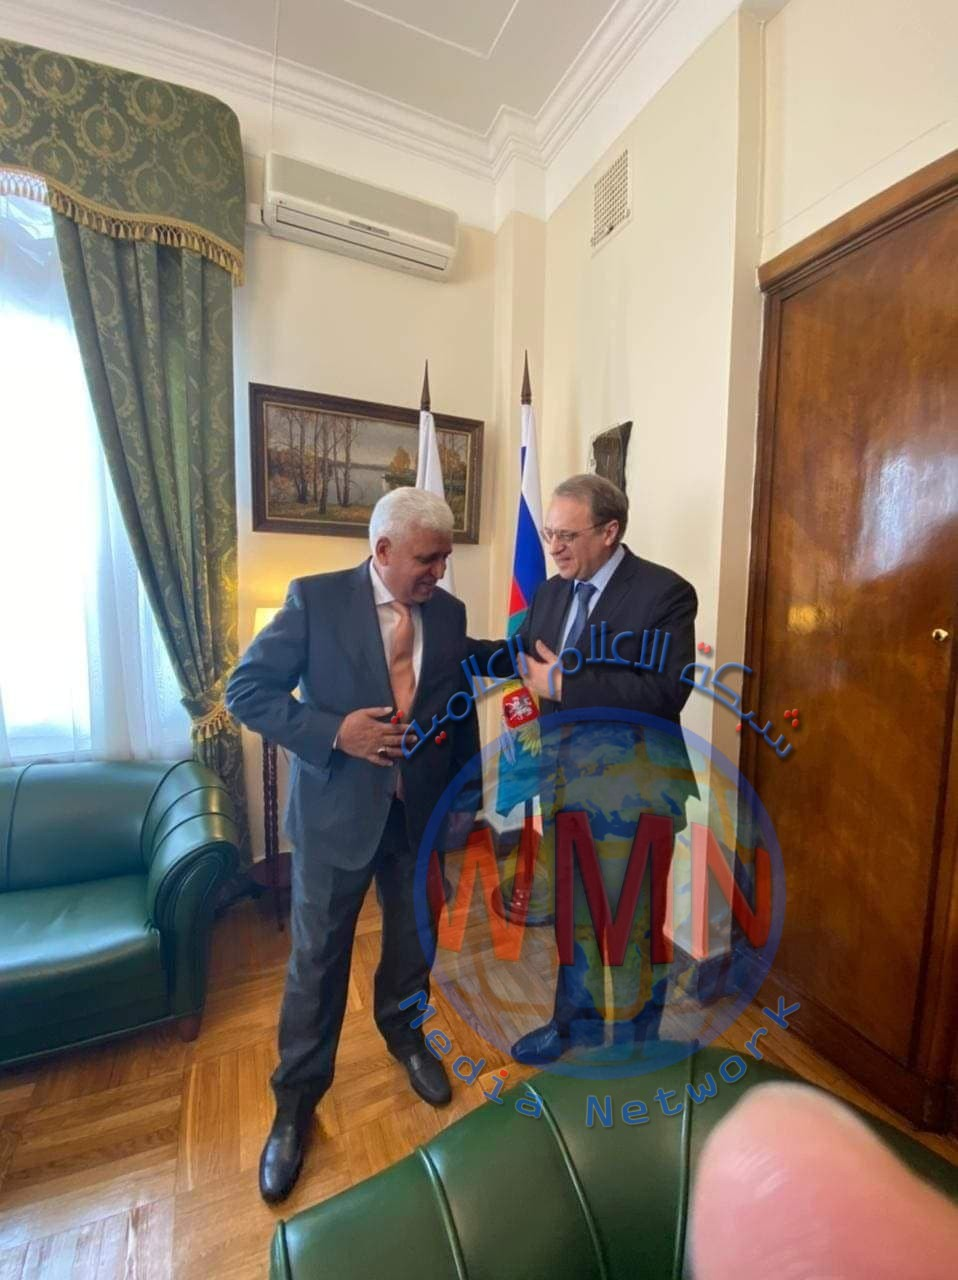 من موسكو.. الفياض يبحث مع باتروشيف قضايا الأمن الإقليمي والتعاون بين البلدين